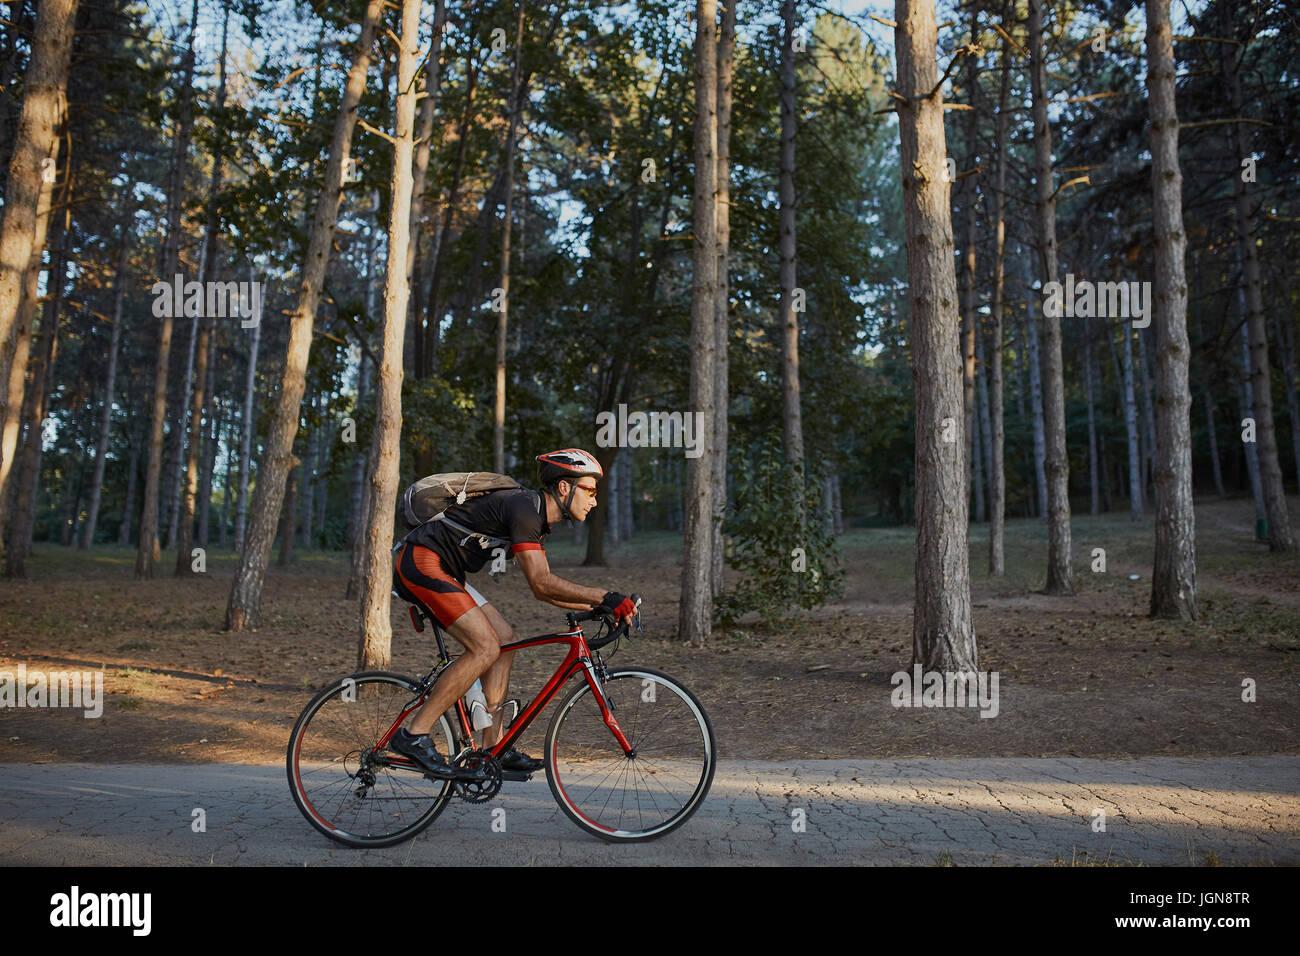 Joven y animoso ciclista en el parque. El hombre son Ciclismo Bicicleta de carretera por el lago en el parque Imagen De Stock